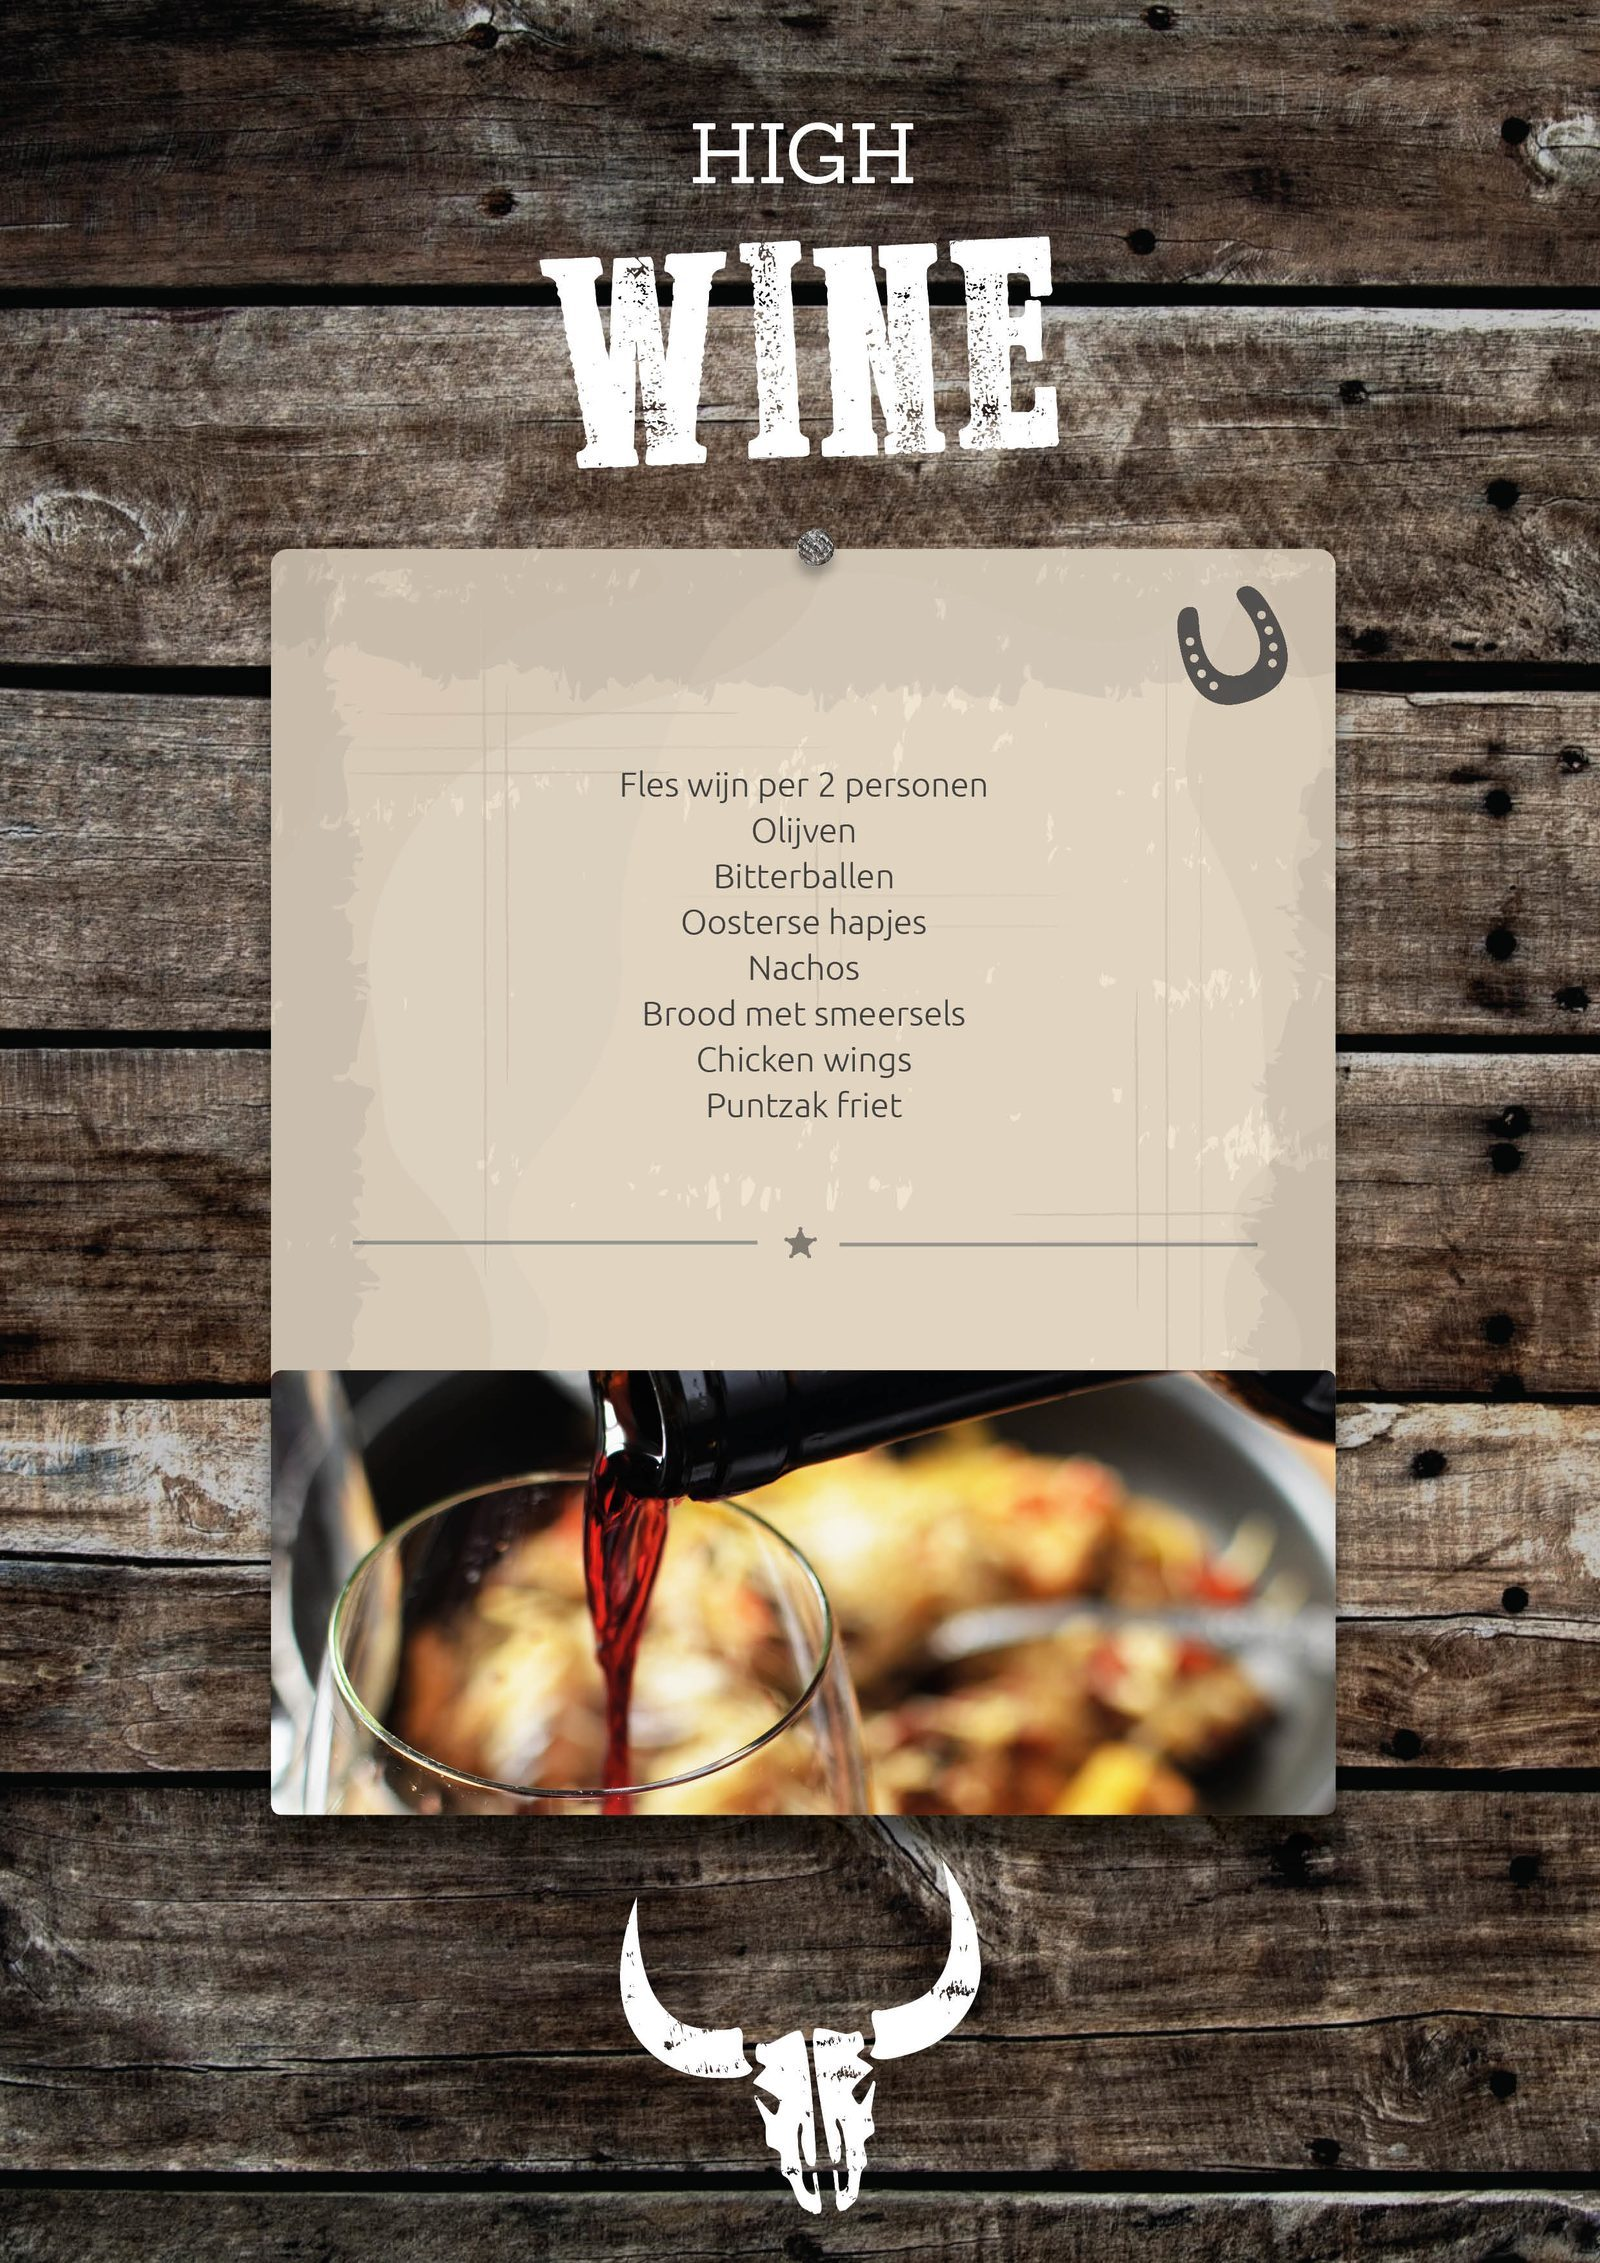 High wine - Events op de Veluwe